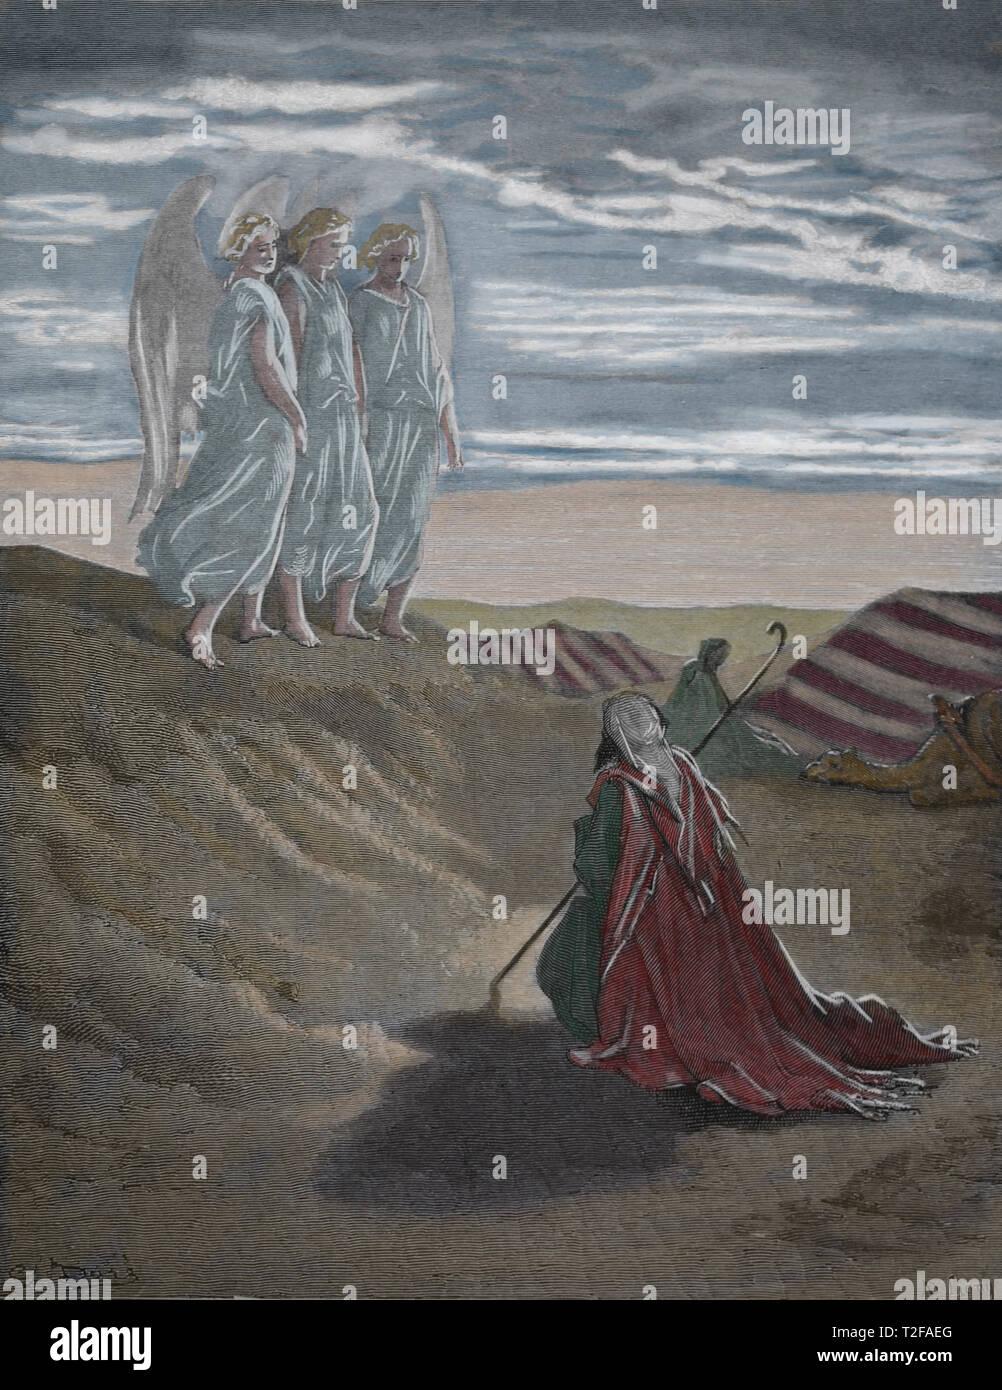 La genèse. Abraham et les trois anges. La Bible. La genèse. Gravure de Gustave Dore, 1866. Photo Stock